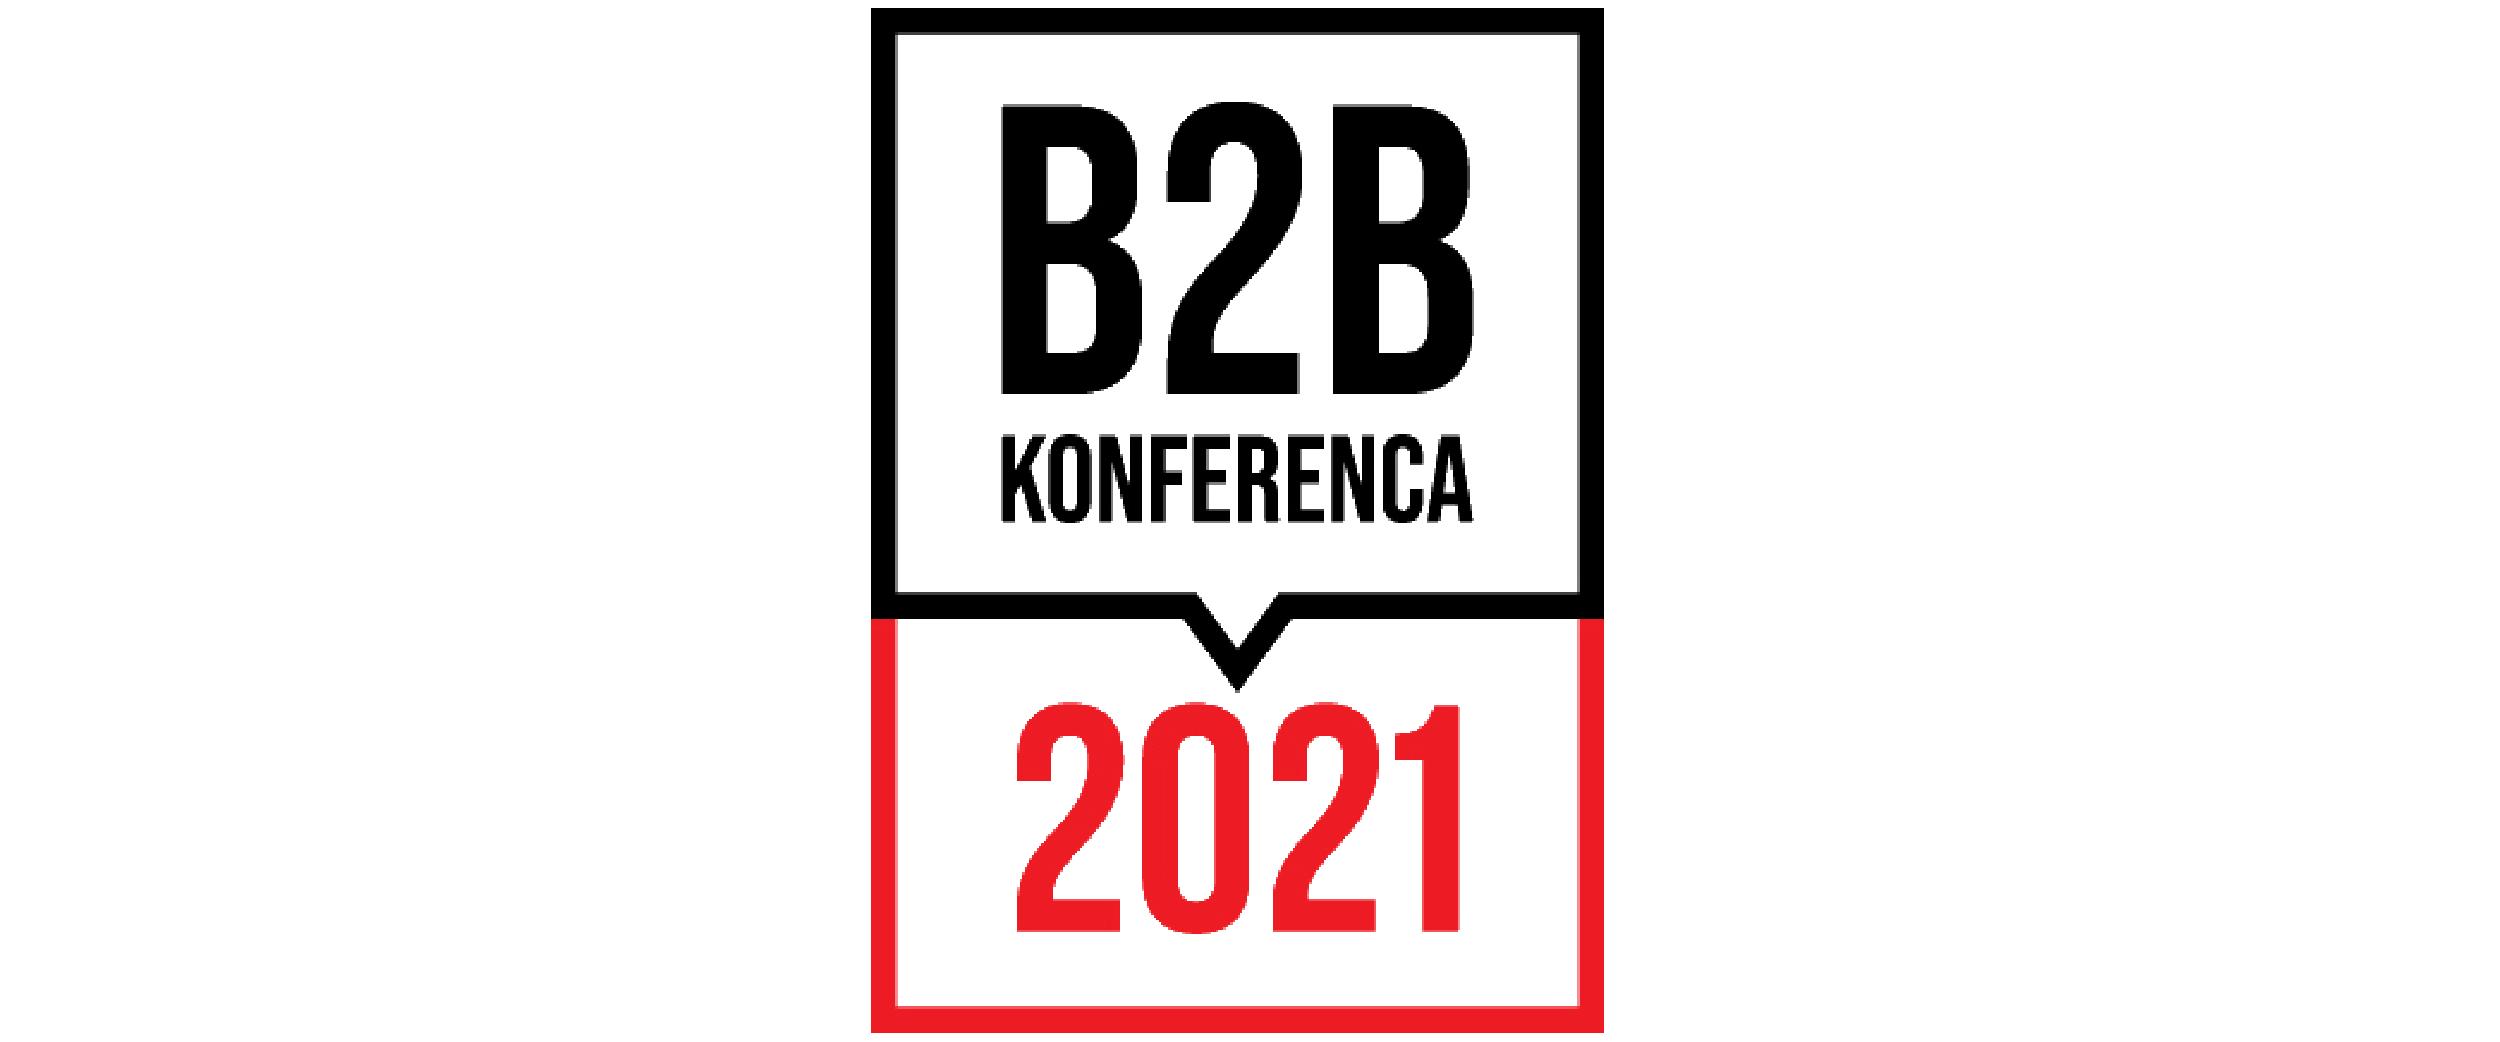 B2B-01